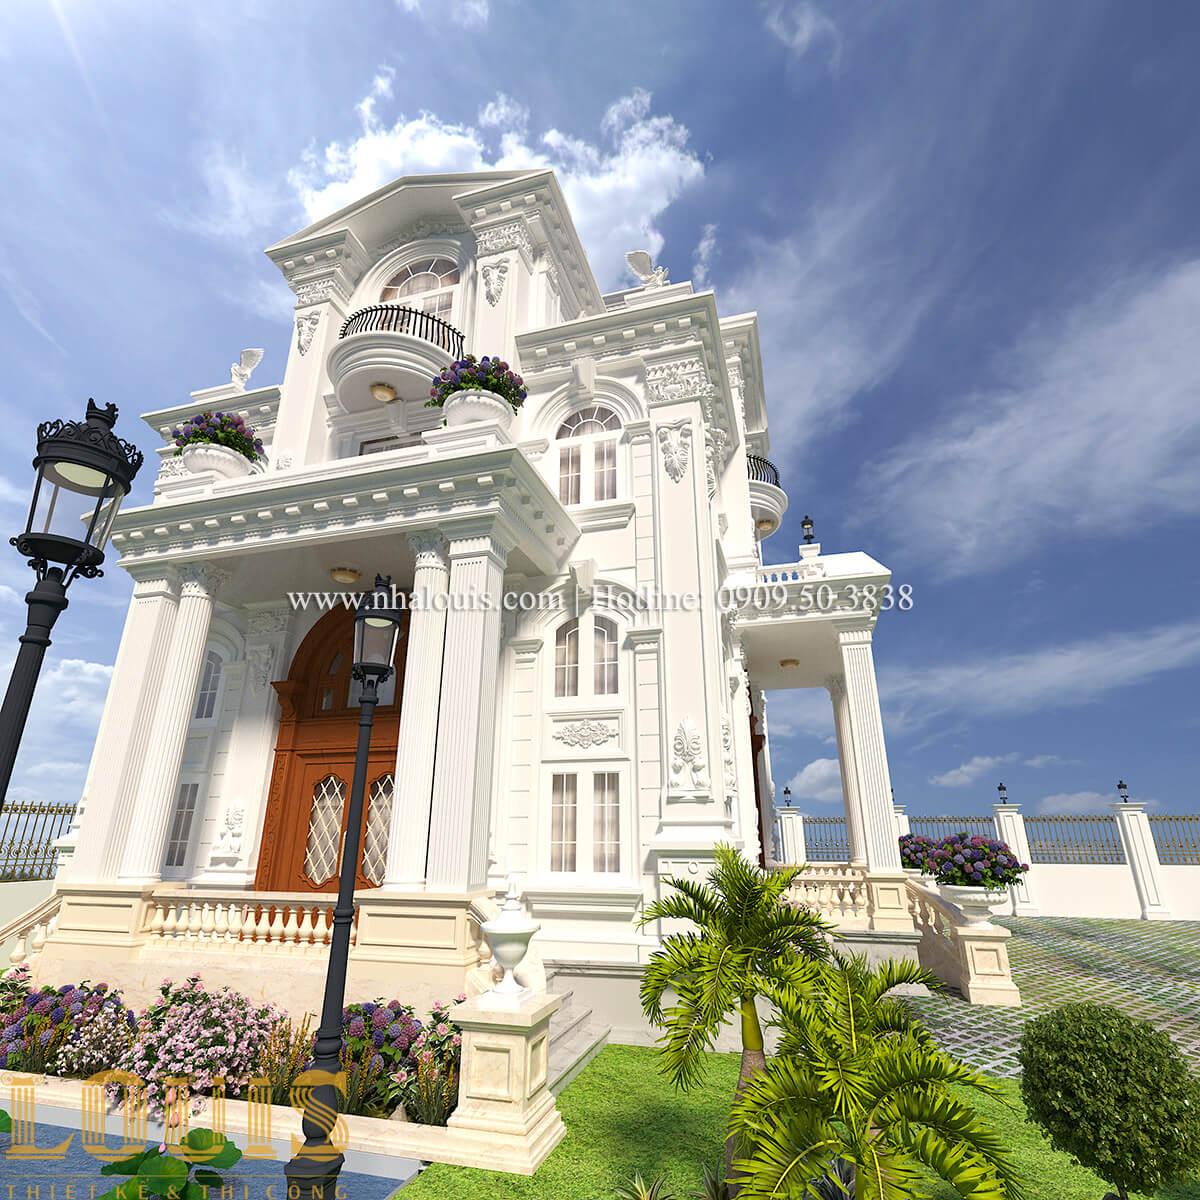 Mặt tiền Thiết kế biệt thự phong cách tân cổ điển đậm chất lãng mạn tại Vĩnh Long - 04